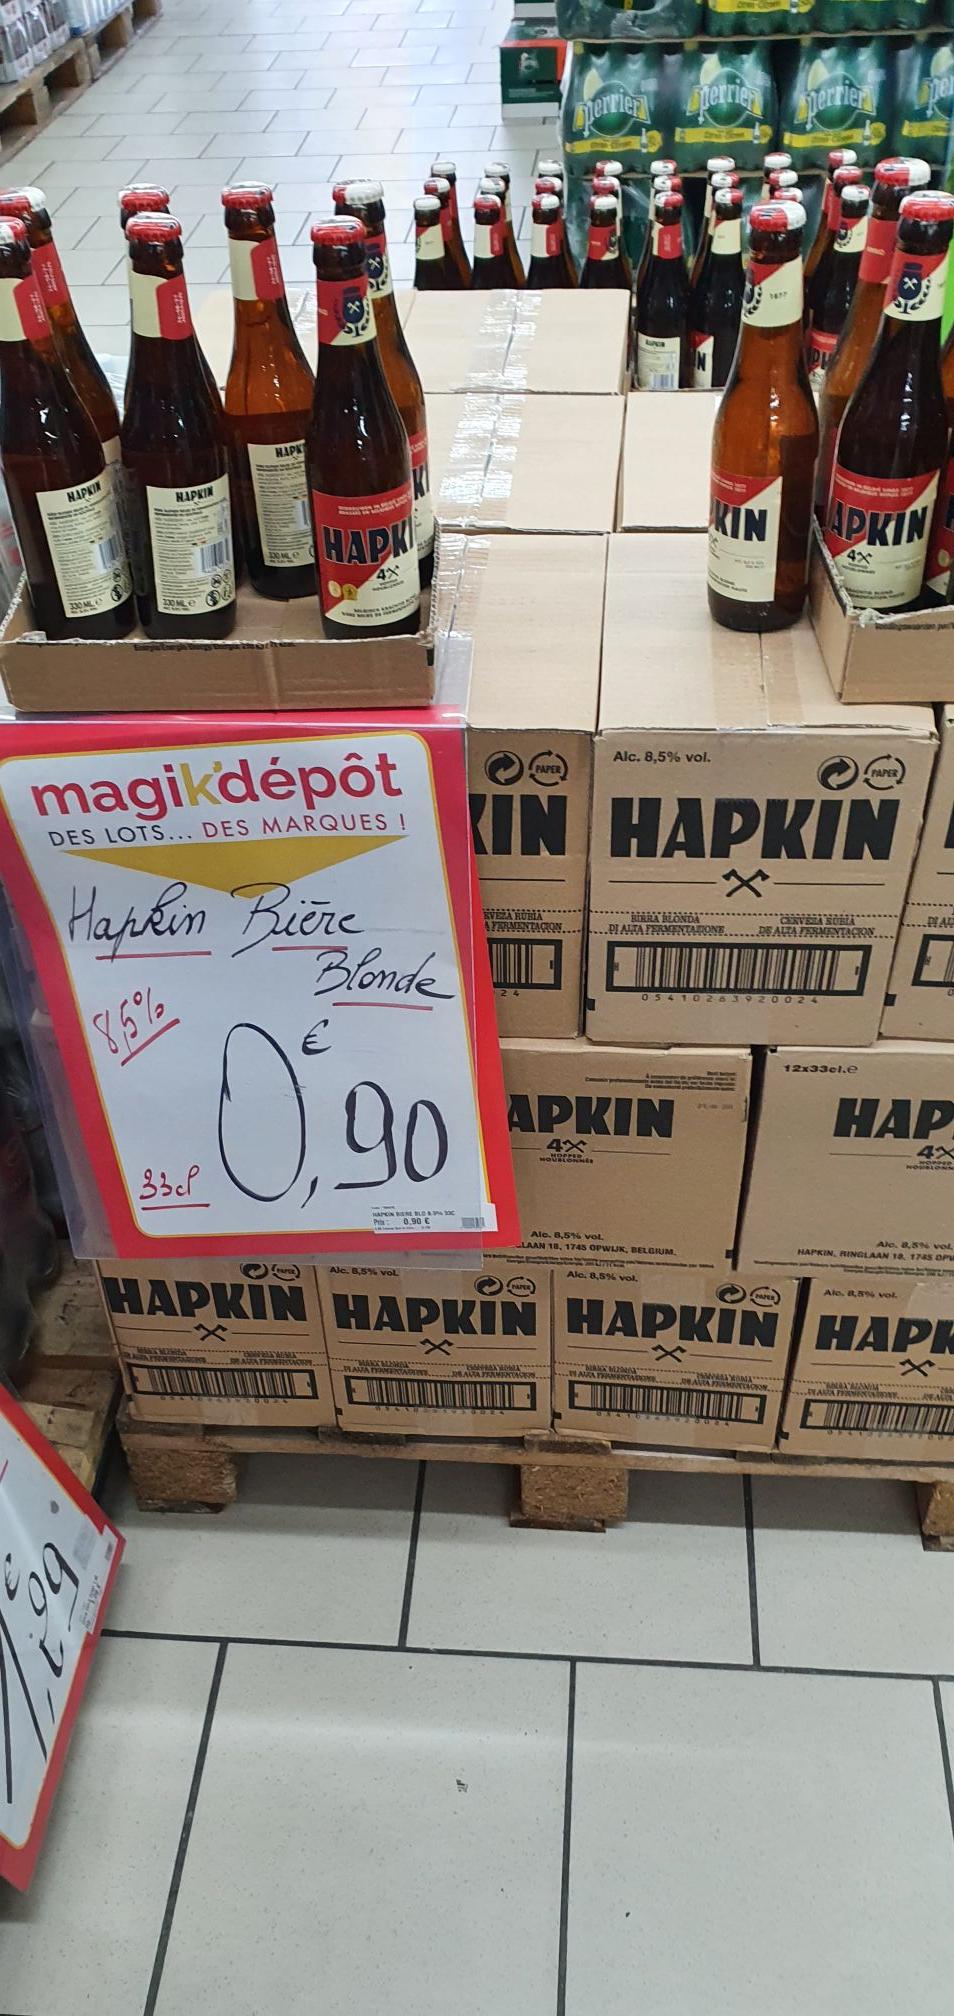 Bouteille de bières blonde Hapkin (33 cl) - Magik'Dépot Coquelles (62)